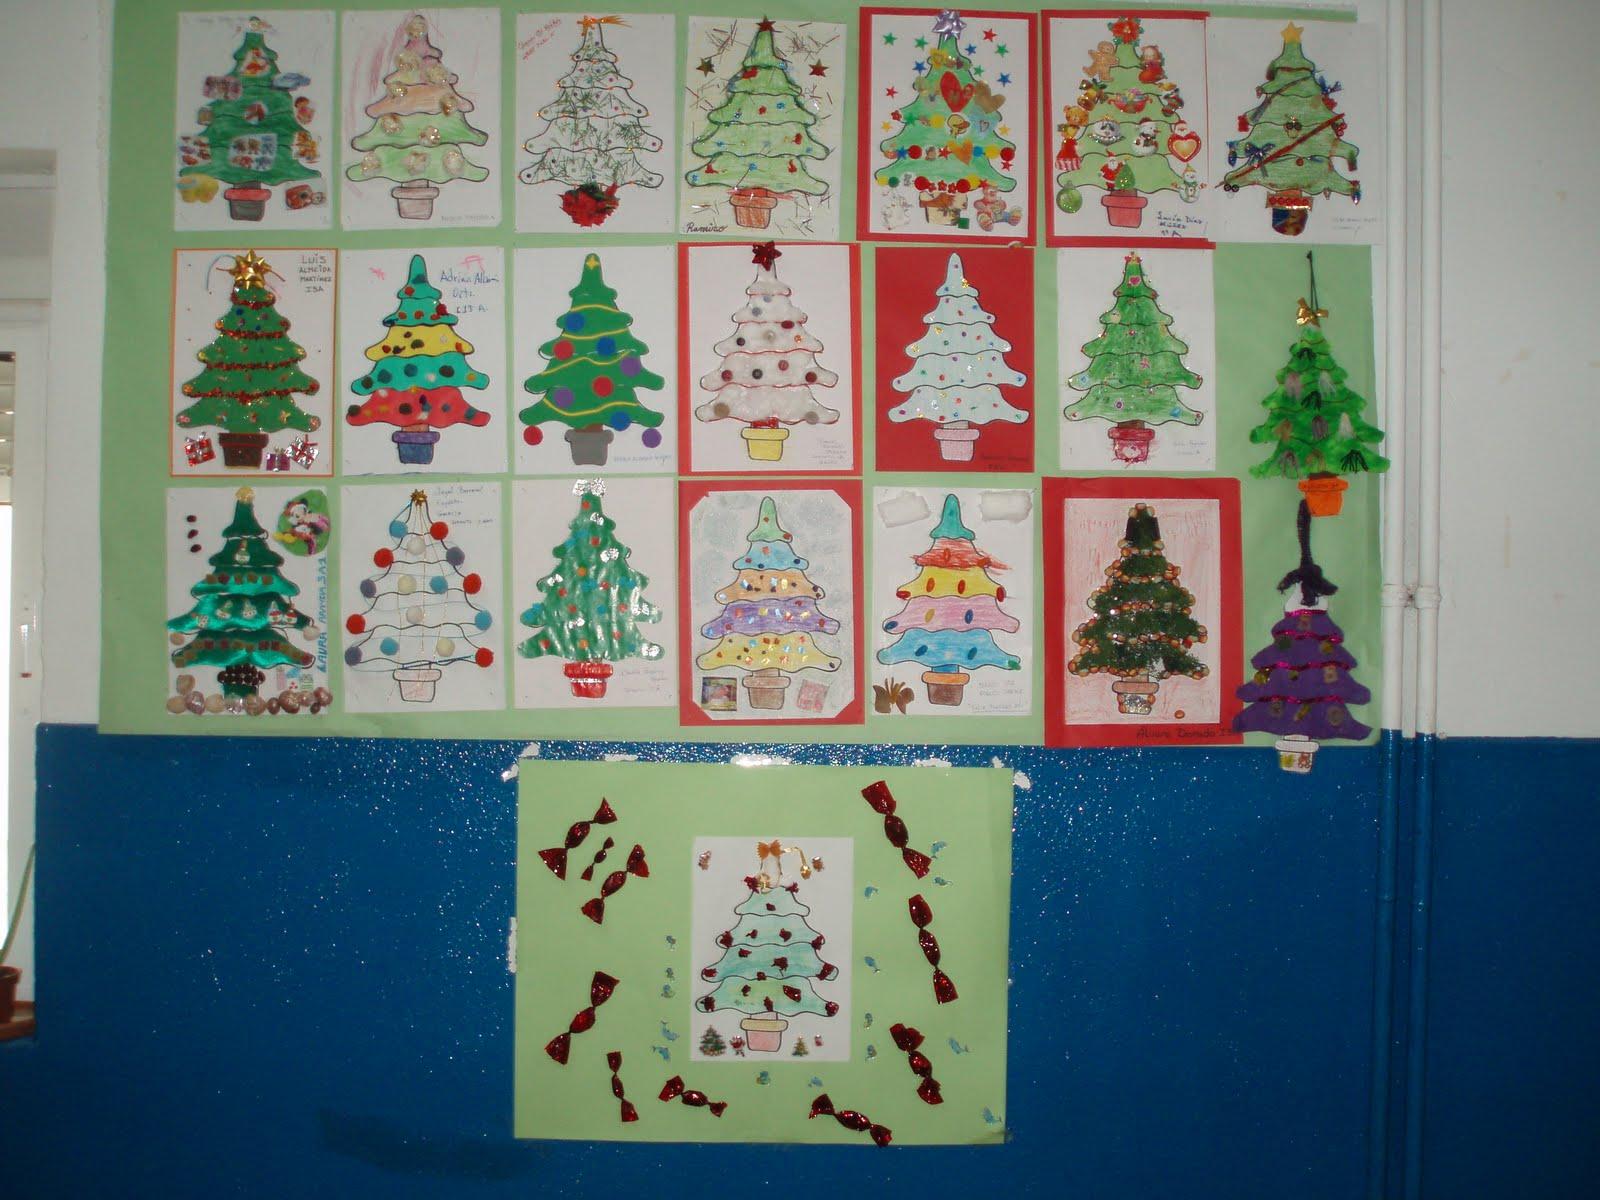 Arias montano infantil decoraci n con rboles de navidad - Decoracion navidad infantil ...